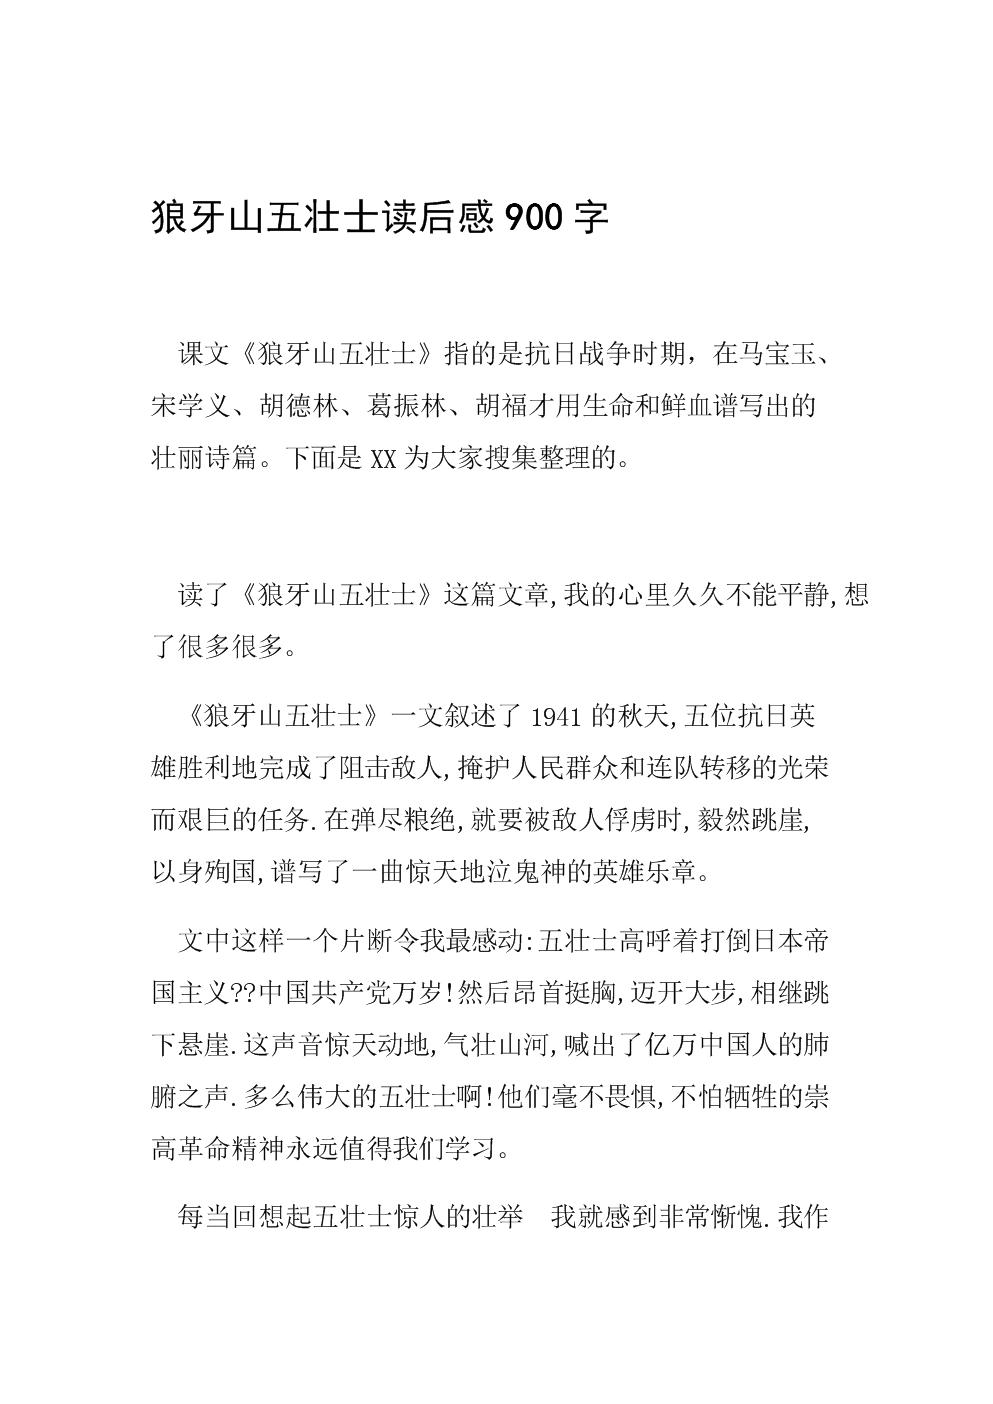 狼牙山五壮士读后感900字.doc